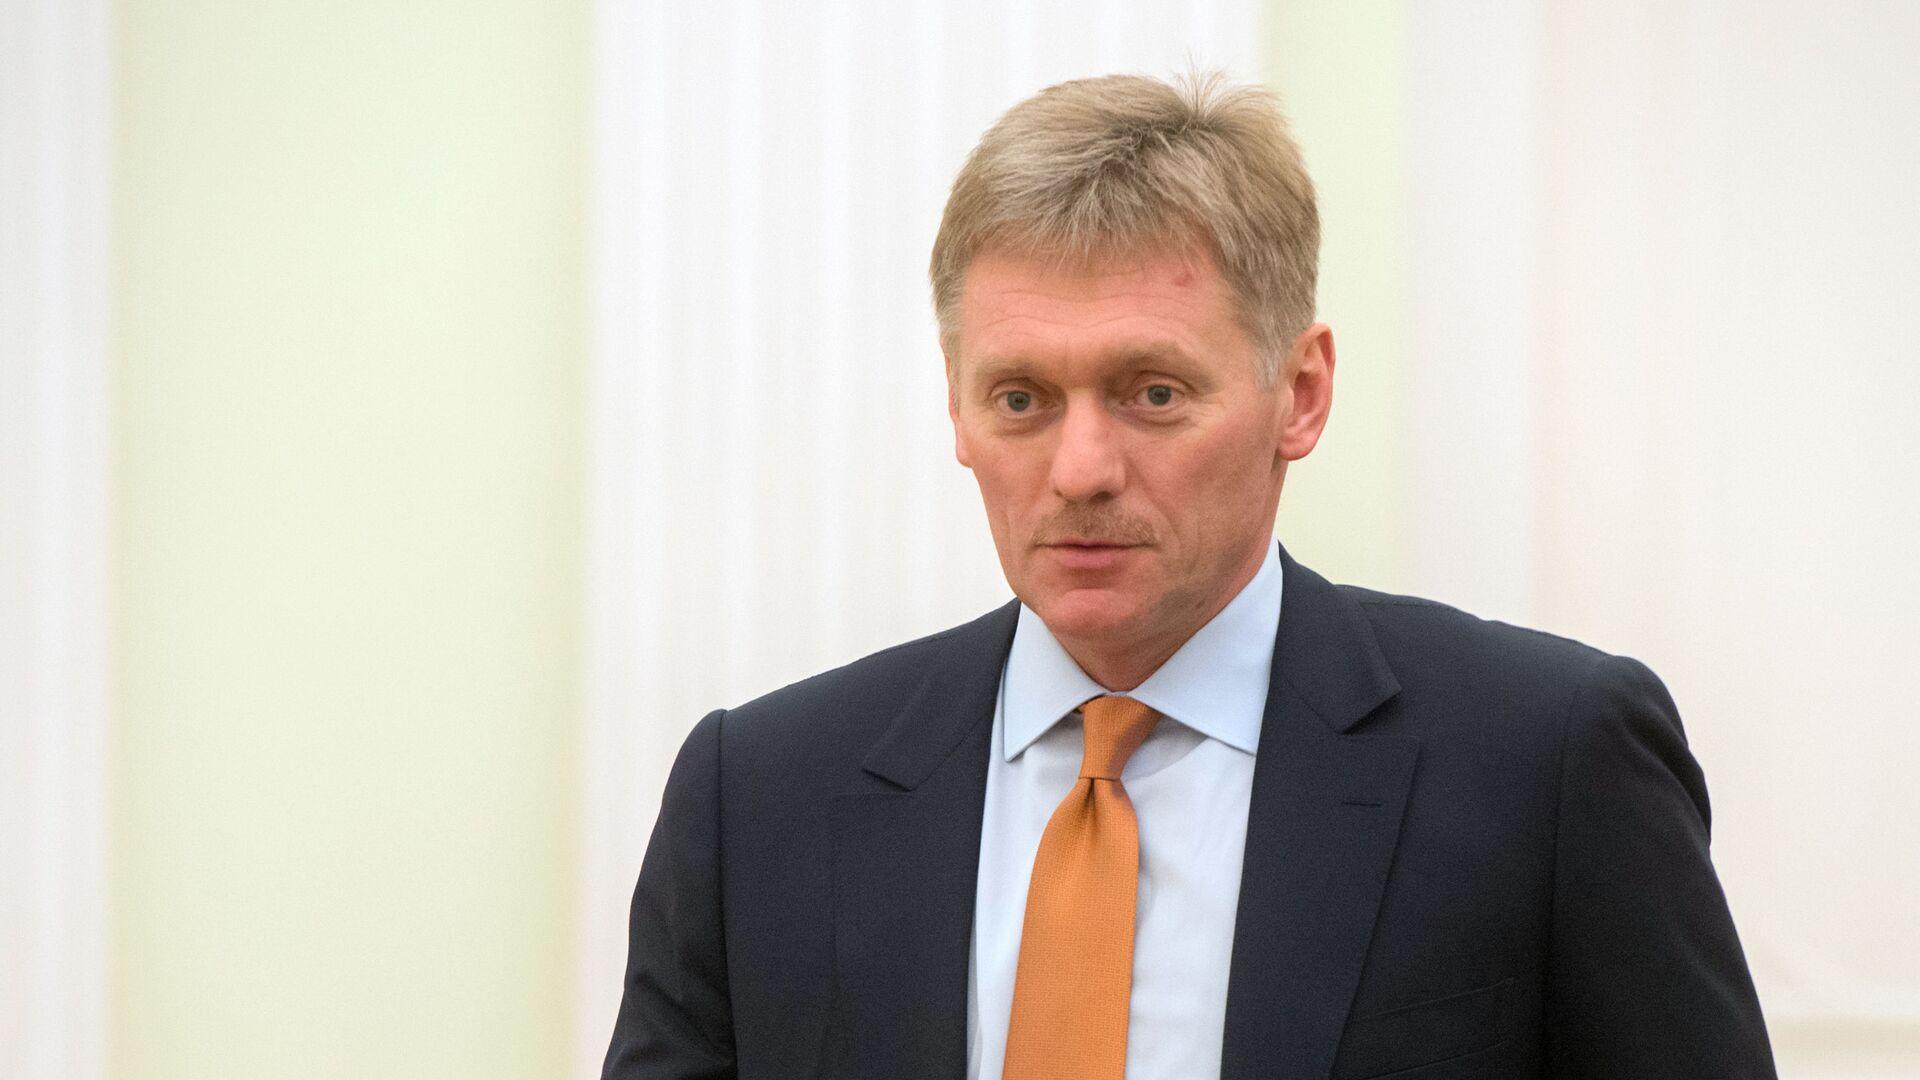 Пресс-секретарь президента РФ Дмитрий Песков в Кремле - Sputnik Латвия, 1920, 12.07.2021